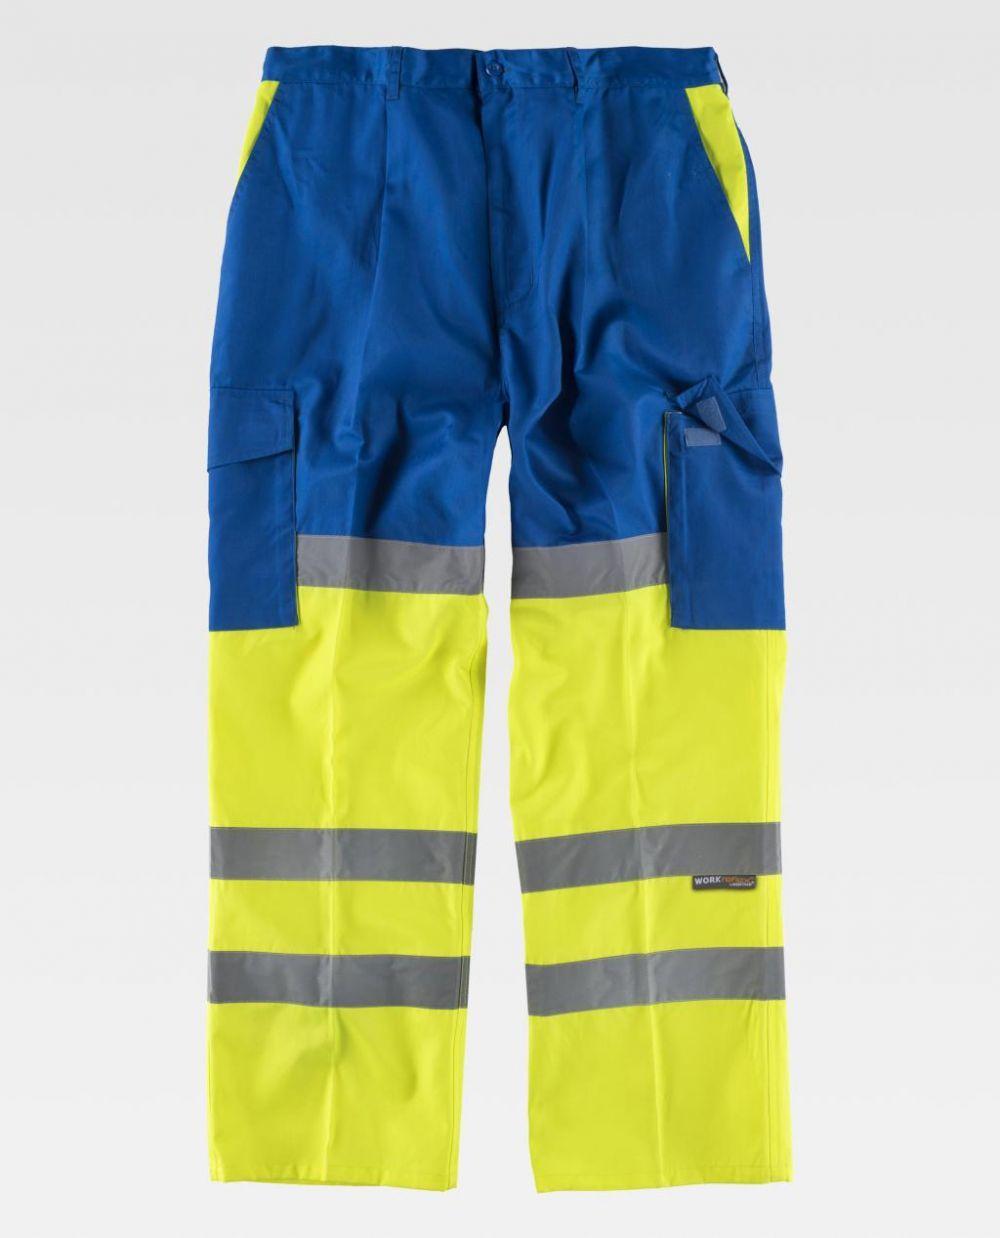 Pantalones reflectantes workteam combinado con refuerzos alta visibilidad de poliéster para personalizar vista 1